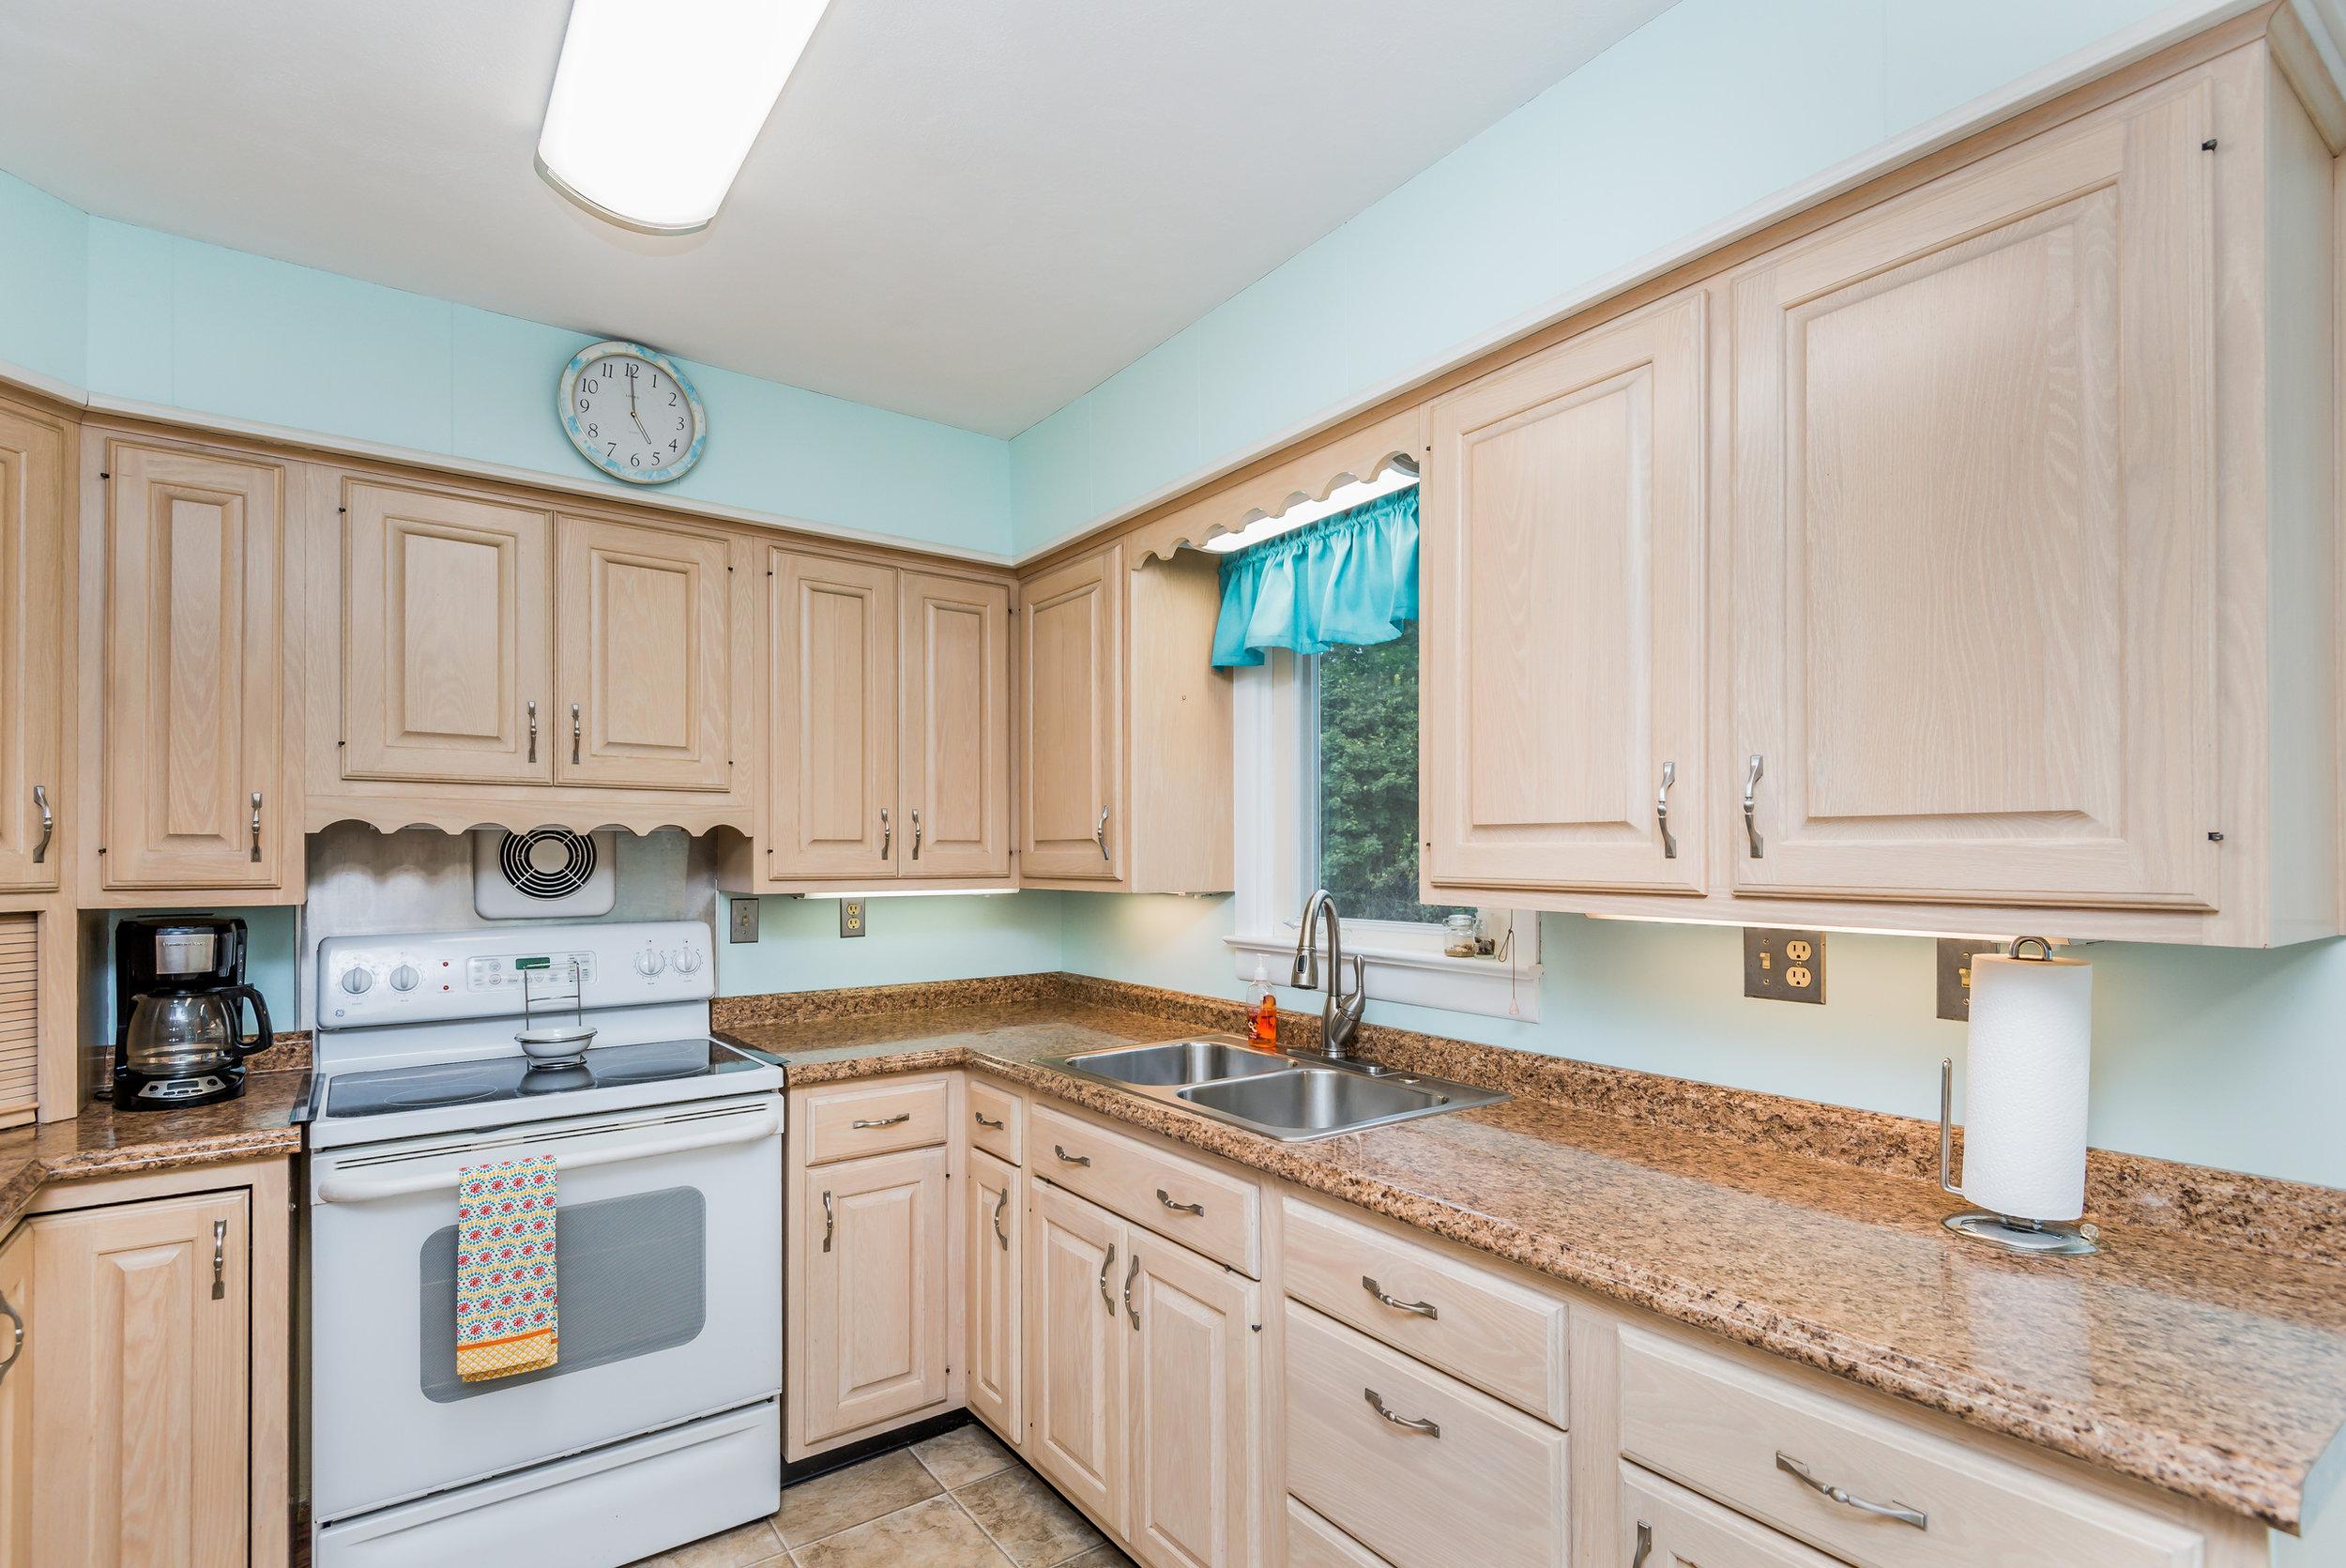 kitchen_1_of_1_.jpg